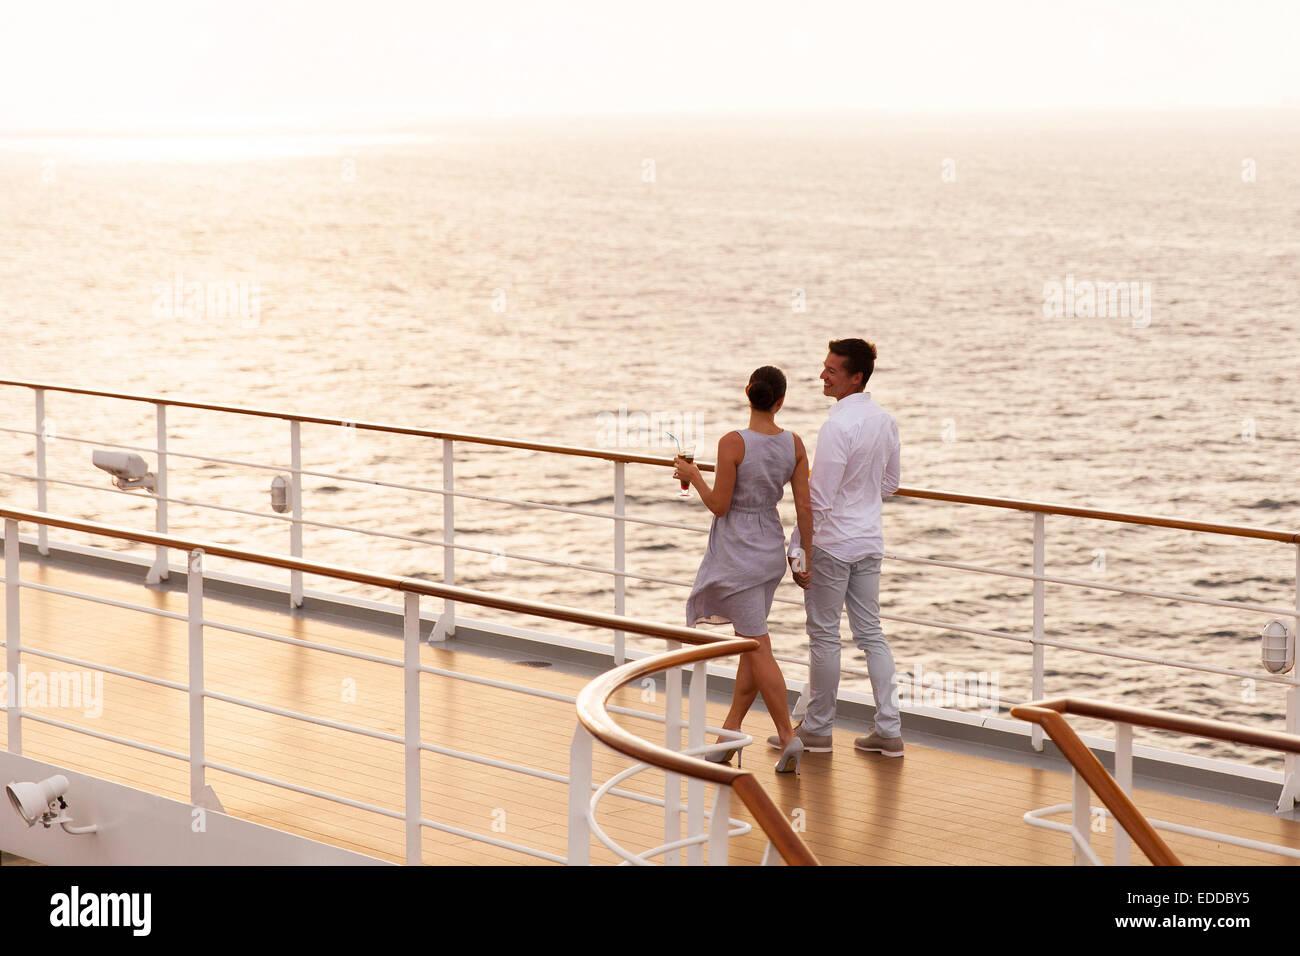 Carino coppia camminando su una nave da crociera il ponte al tramonto Immagini Stock